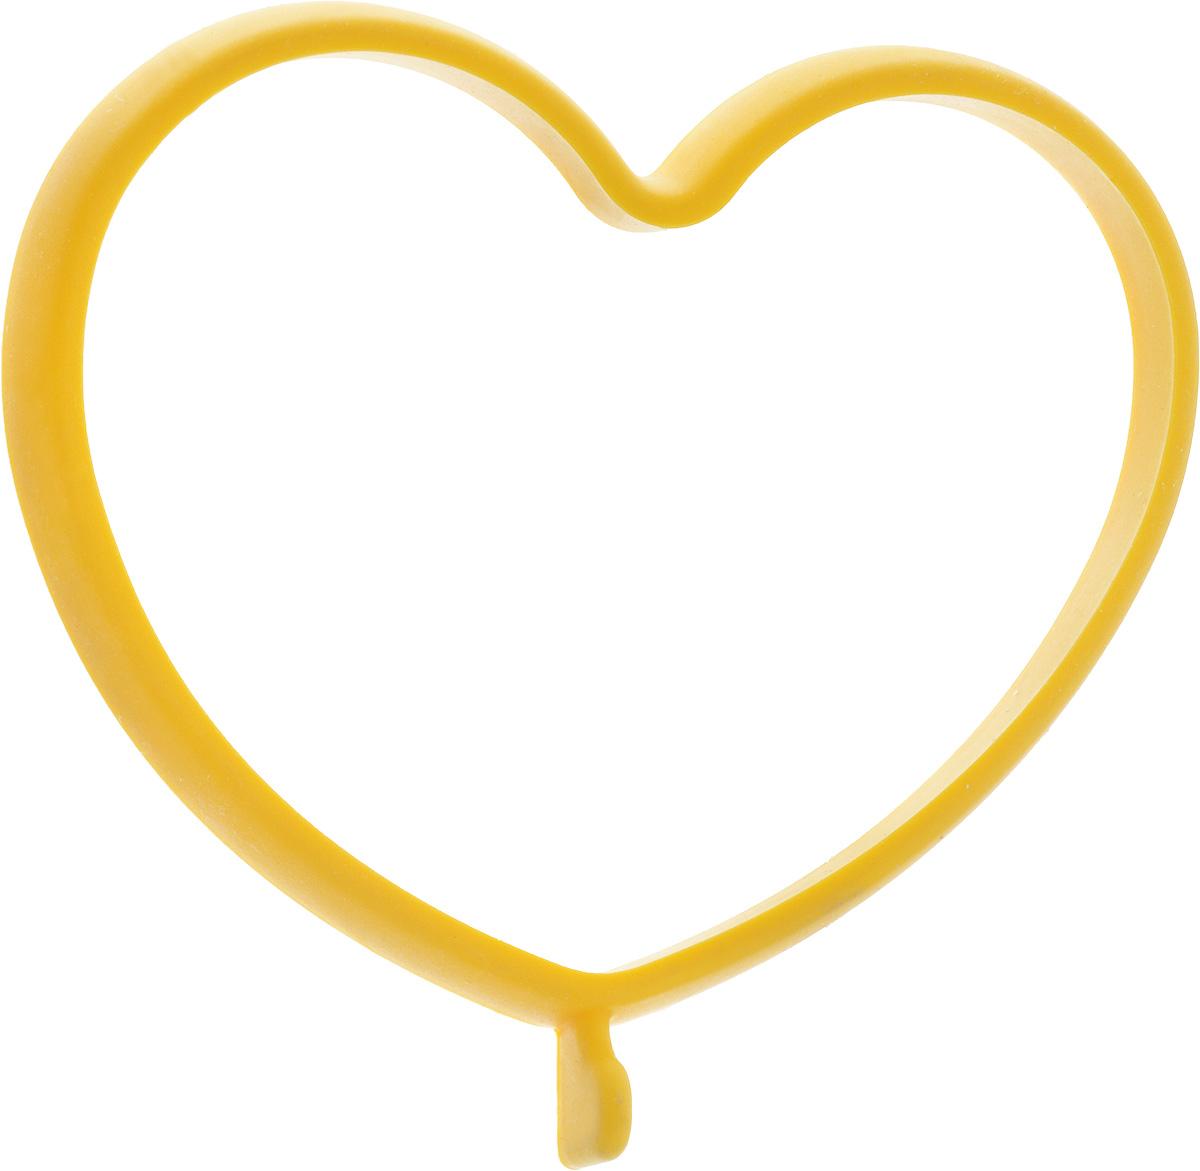 Форма для яичницы Oursson Сердце, цвет: желтый, 13,5 х 11,4 х 1 смBW1356S/MC_желтый_сердцеФорма для яичницы Oursson Сердце, выполненная из жаростойкого силикона, подходит для приготовления яичницы, омлета, оладий! Она добавит оригинальности обычным блюдам и особенно понравится детям! Форма не повреждает антипригарное покрытие сковород. Для получения идеального результата рекомендуется использовать ее на ровной поверхности сковороды. Размер формы: 13,5 х 11,4 х 1 см